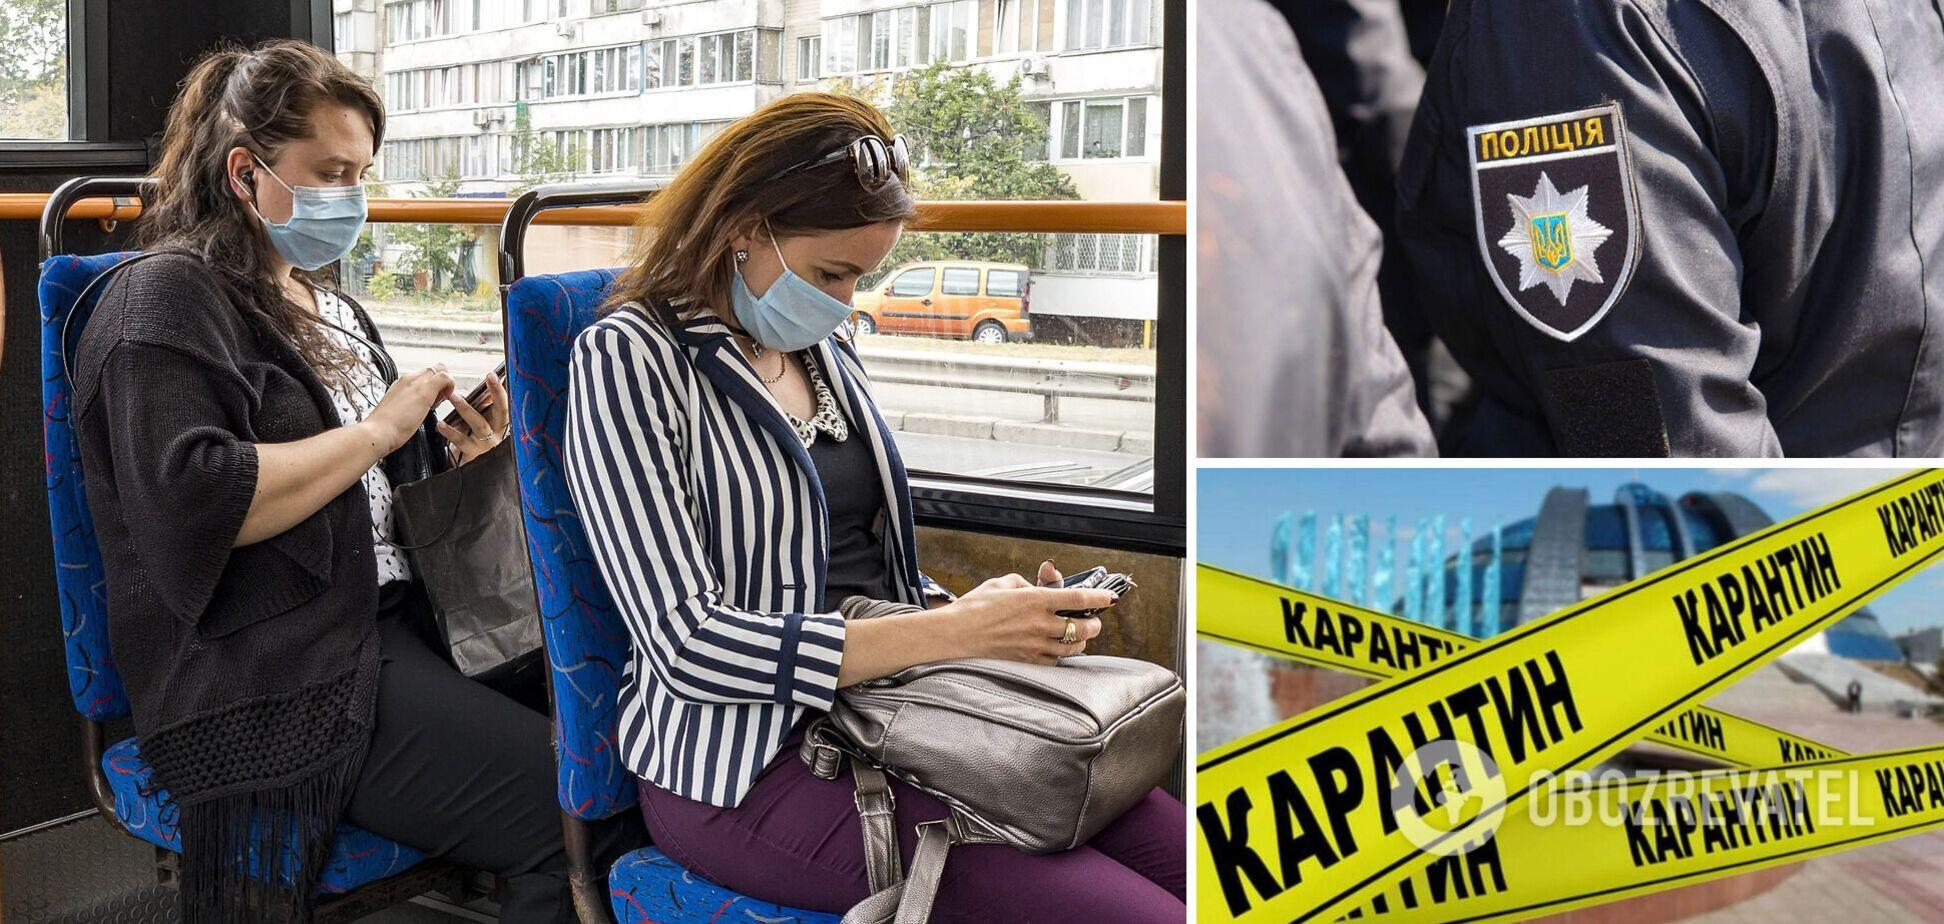 В Україні знову будуть штрафувати за порушення карантину